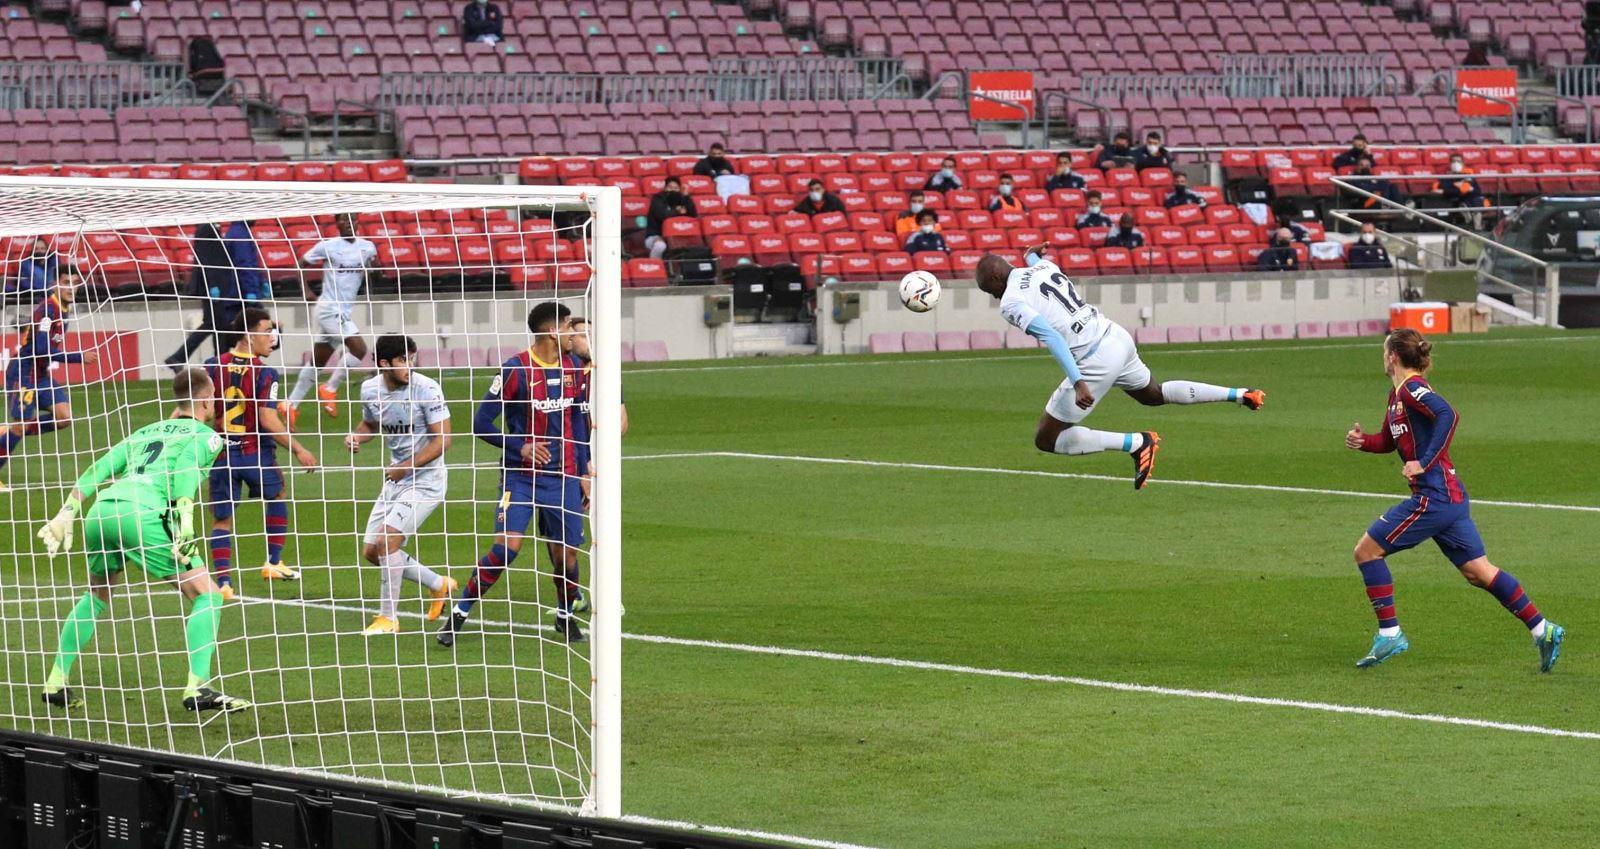 Barcelona 2-2 Valencia. Ket qua bong da La Liga. Messi san bằng kỷ lục của Pele